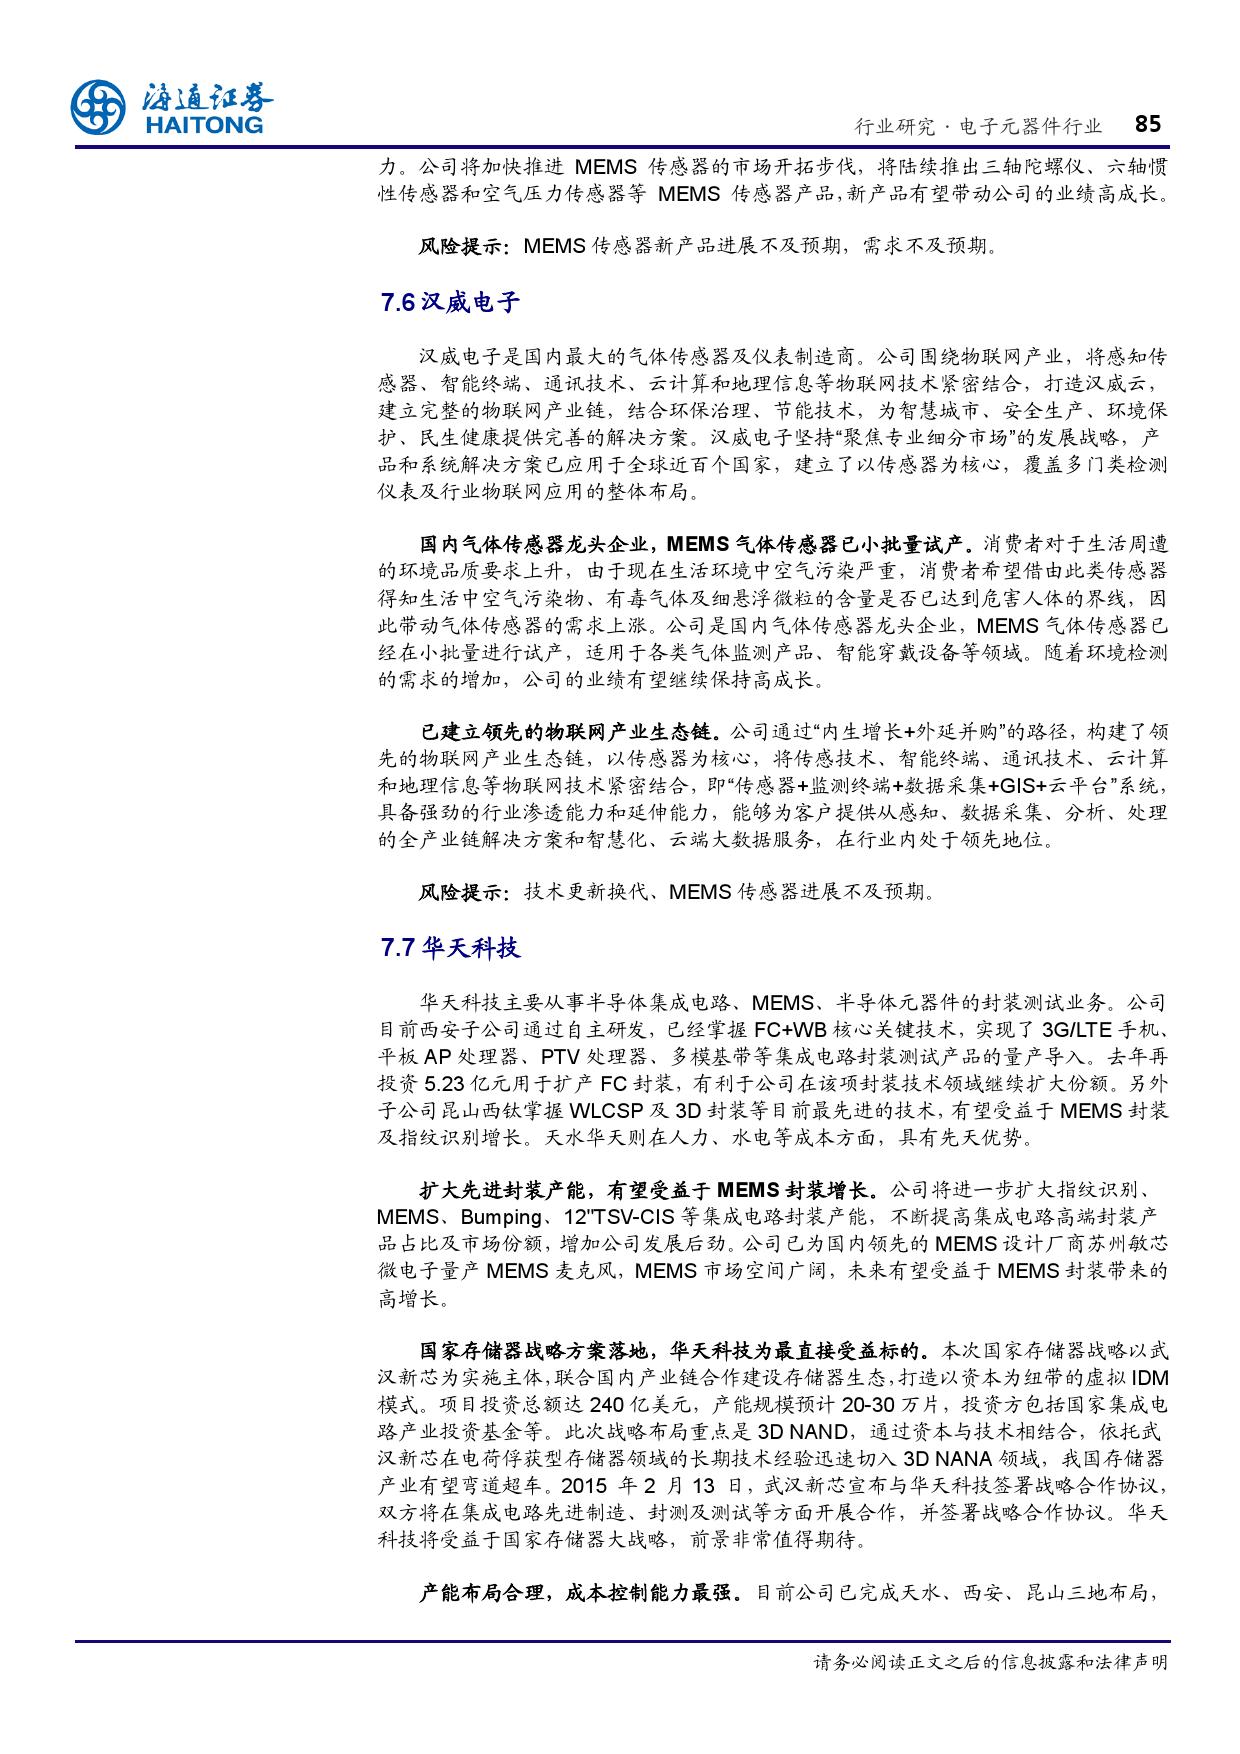 报告全解传感器全球产业链_000085